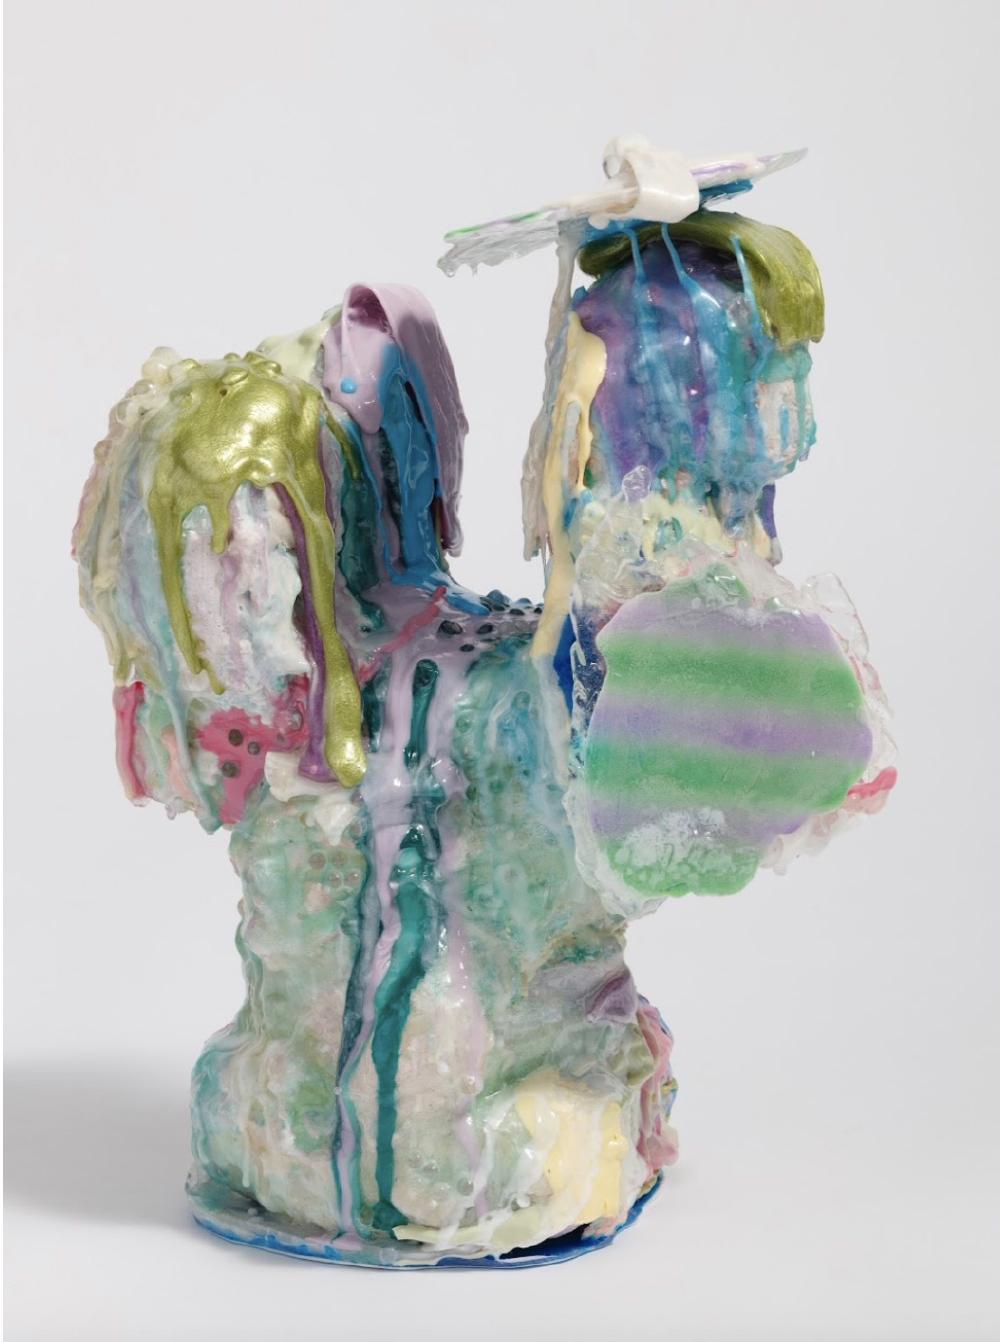 fortune teller, 33 x 21 x 42 cm, mixed media, Urethane resin, 2021